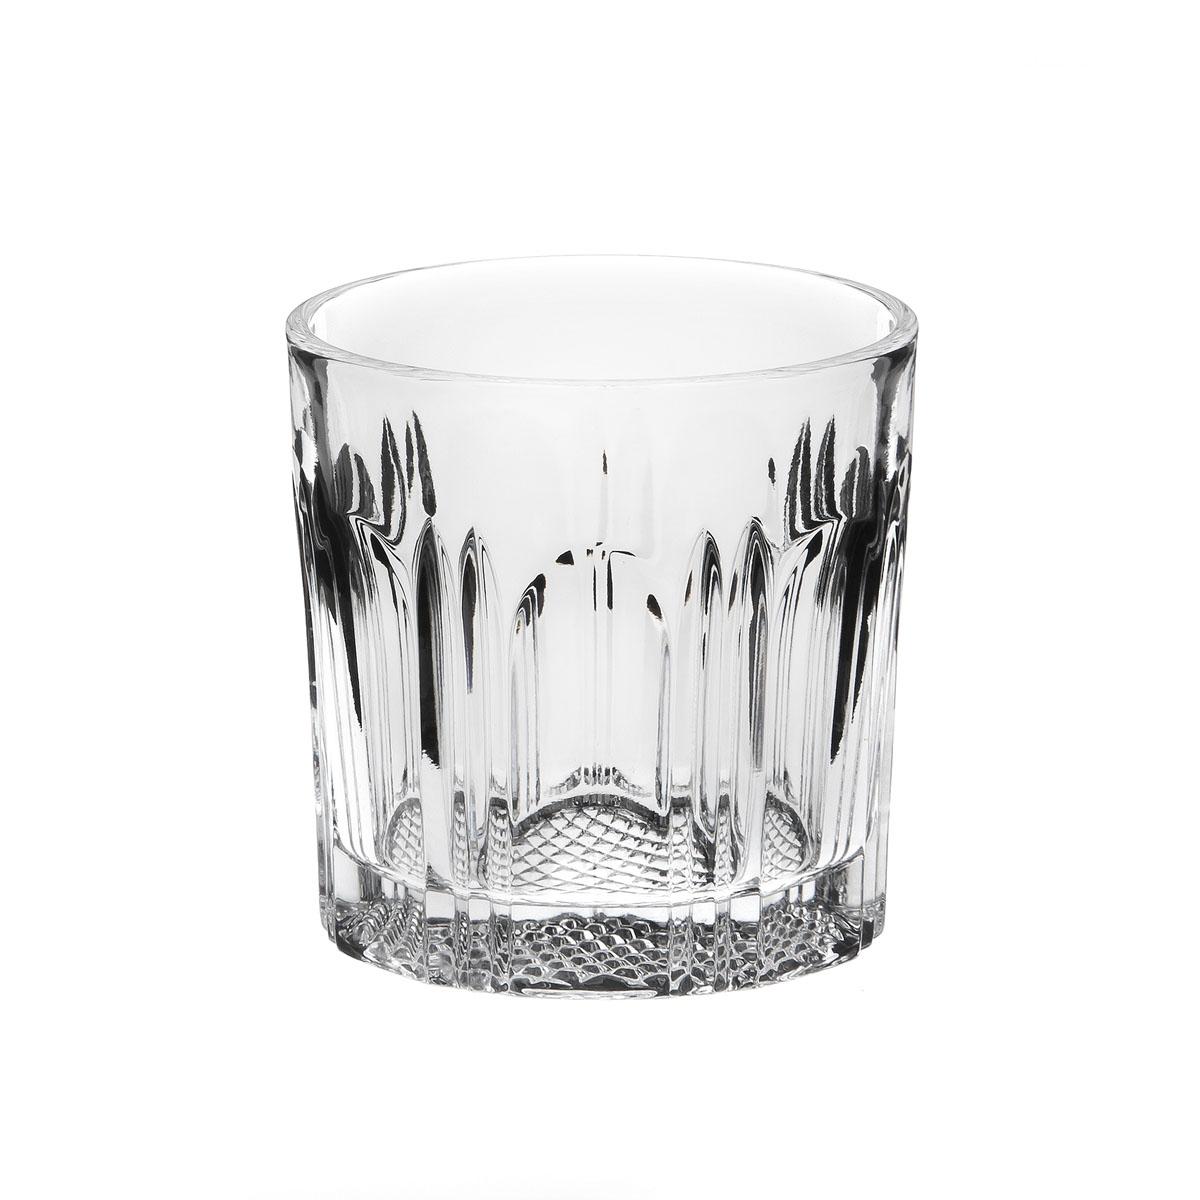 Хрустальные стаканы - красивое и простое решение для украшения праздничного стола. Стаканы из хрусталя универсальны, они подойдут и для алкогольных напитков - вина, шампанского, и для освежающих - минеральной воды, компота или сока.   Если в вашей домашней коллекции еще нет предметов хрустальной посуды, купить хрустальные стаканы стоит обязательно.